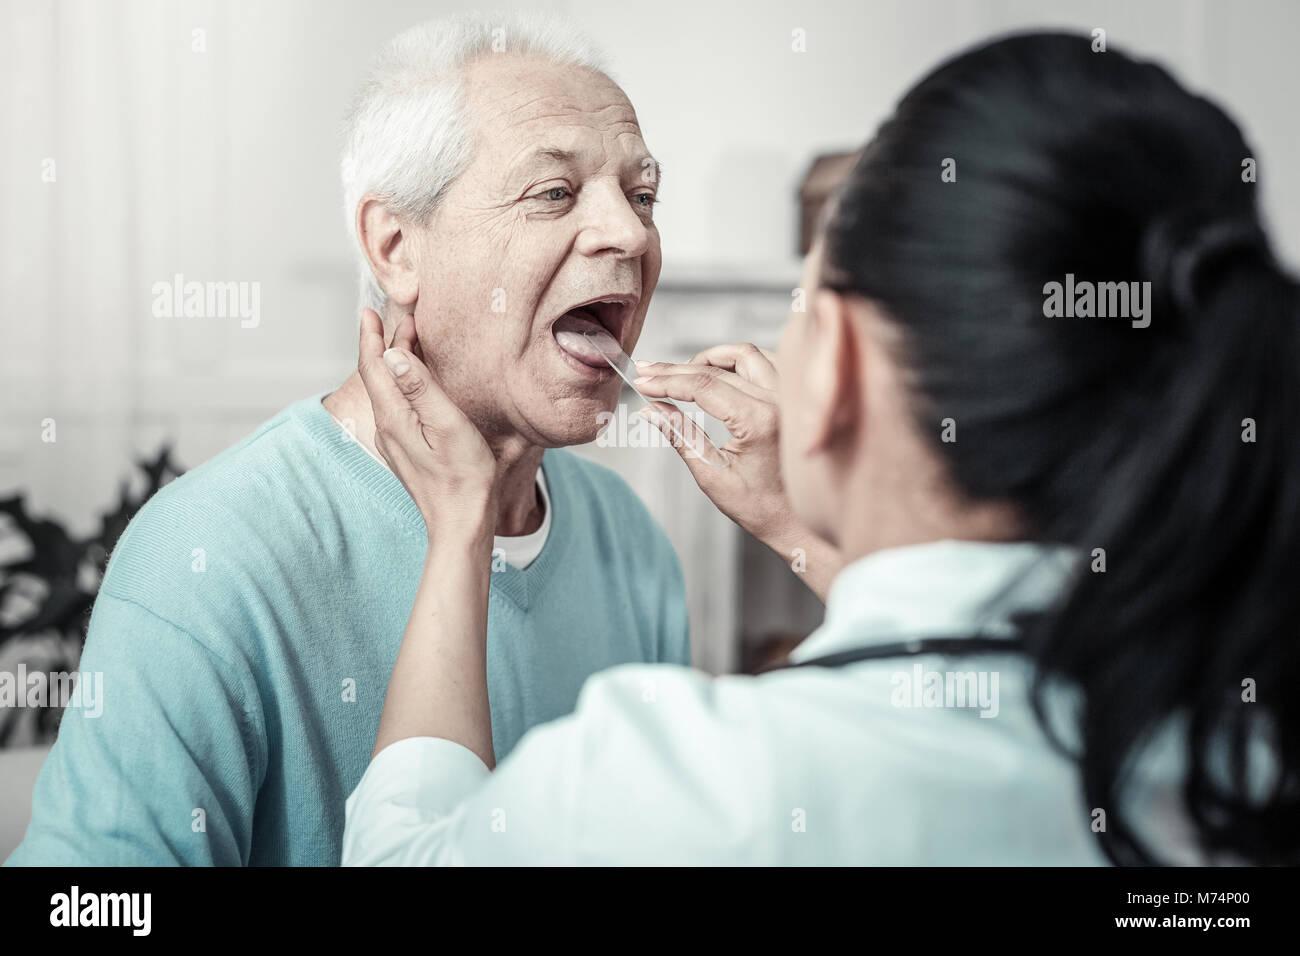 Grau alter Mann in Prüfung und gegenüber sitzt die Krankenschwester. Stockbild